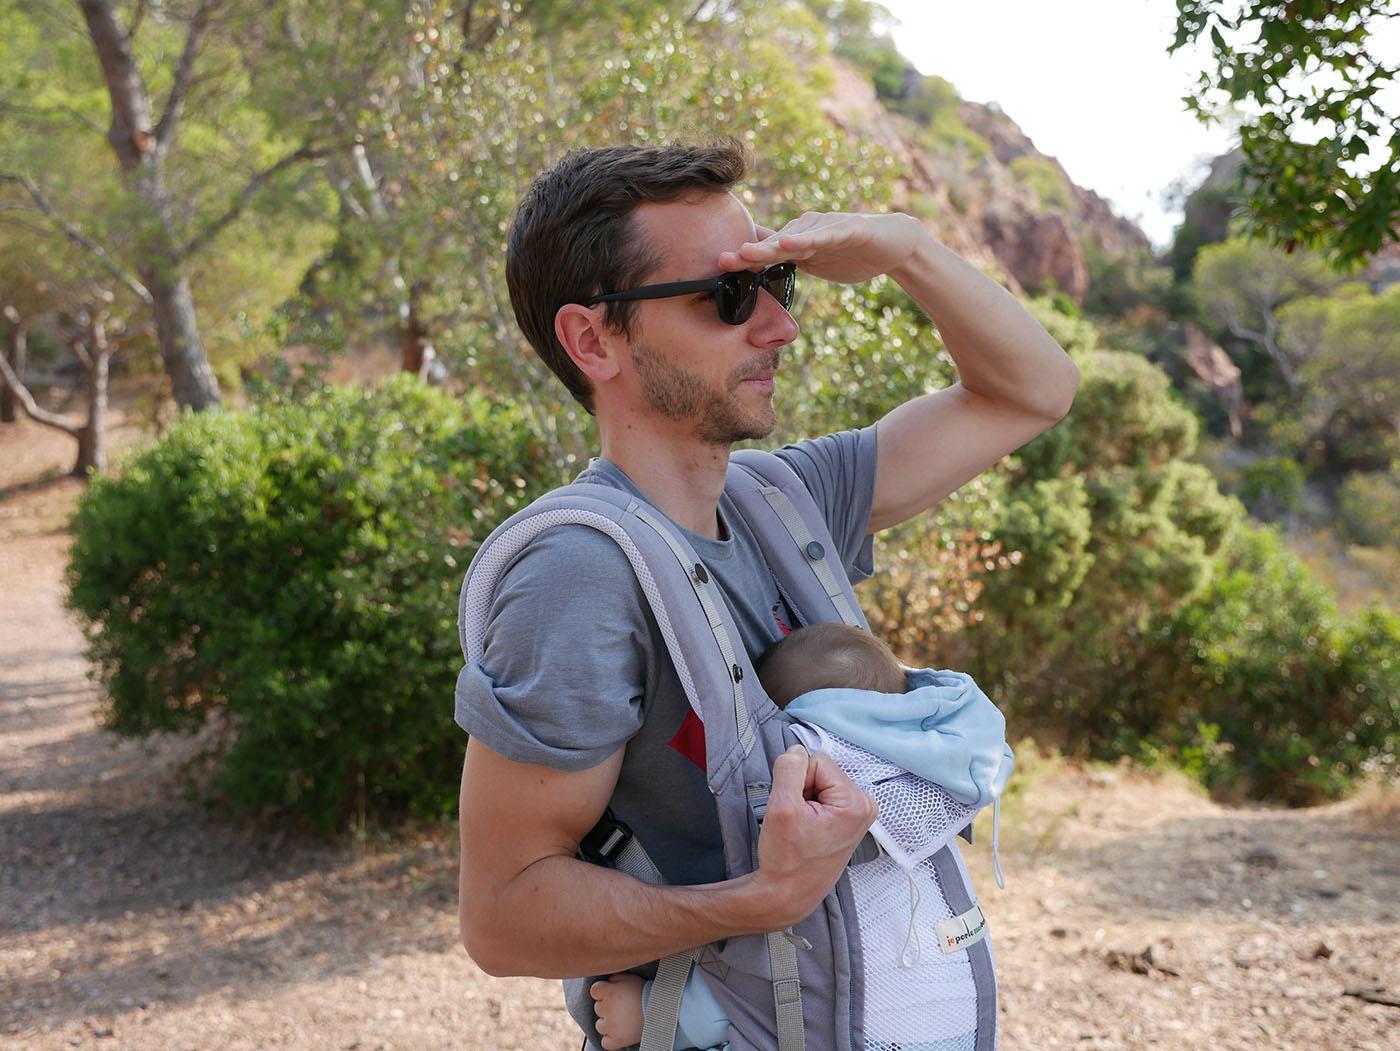 achats bébé indispensable pour voyager avec bébé